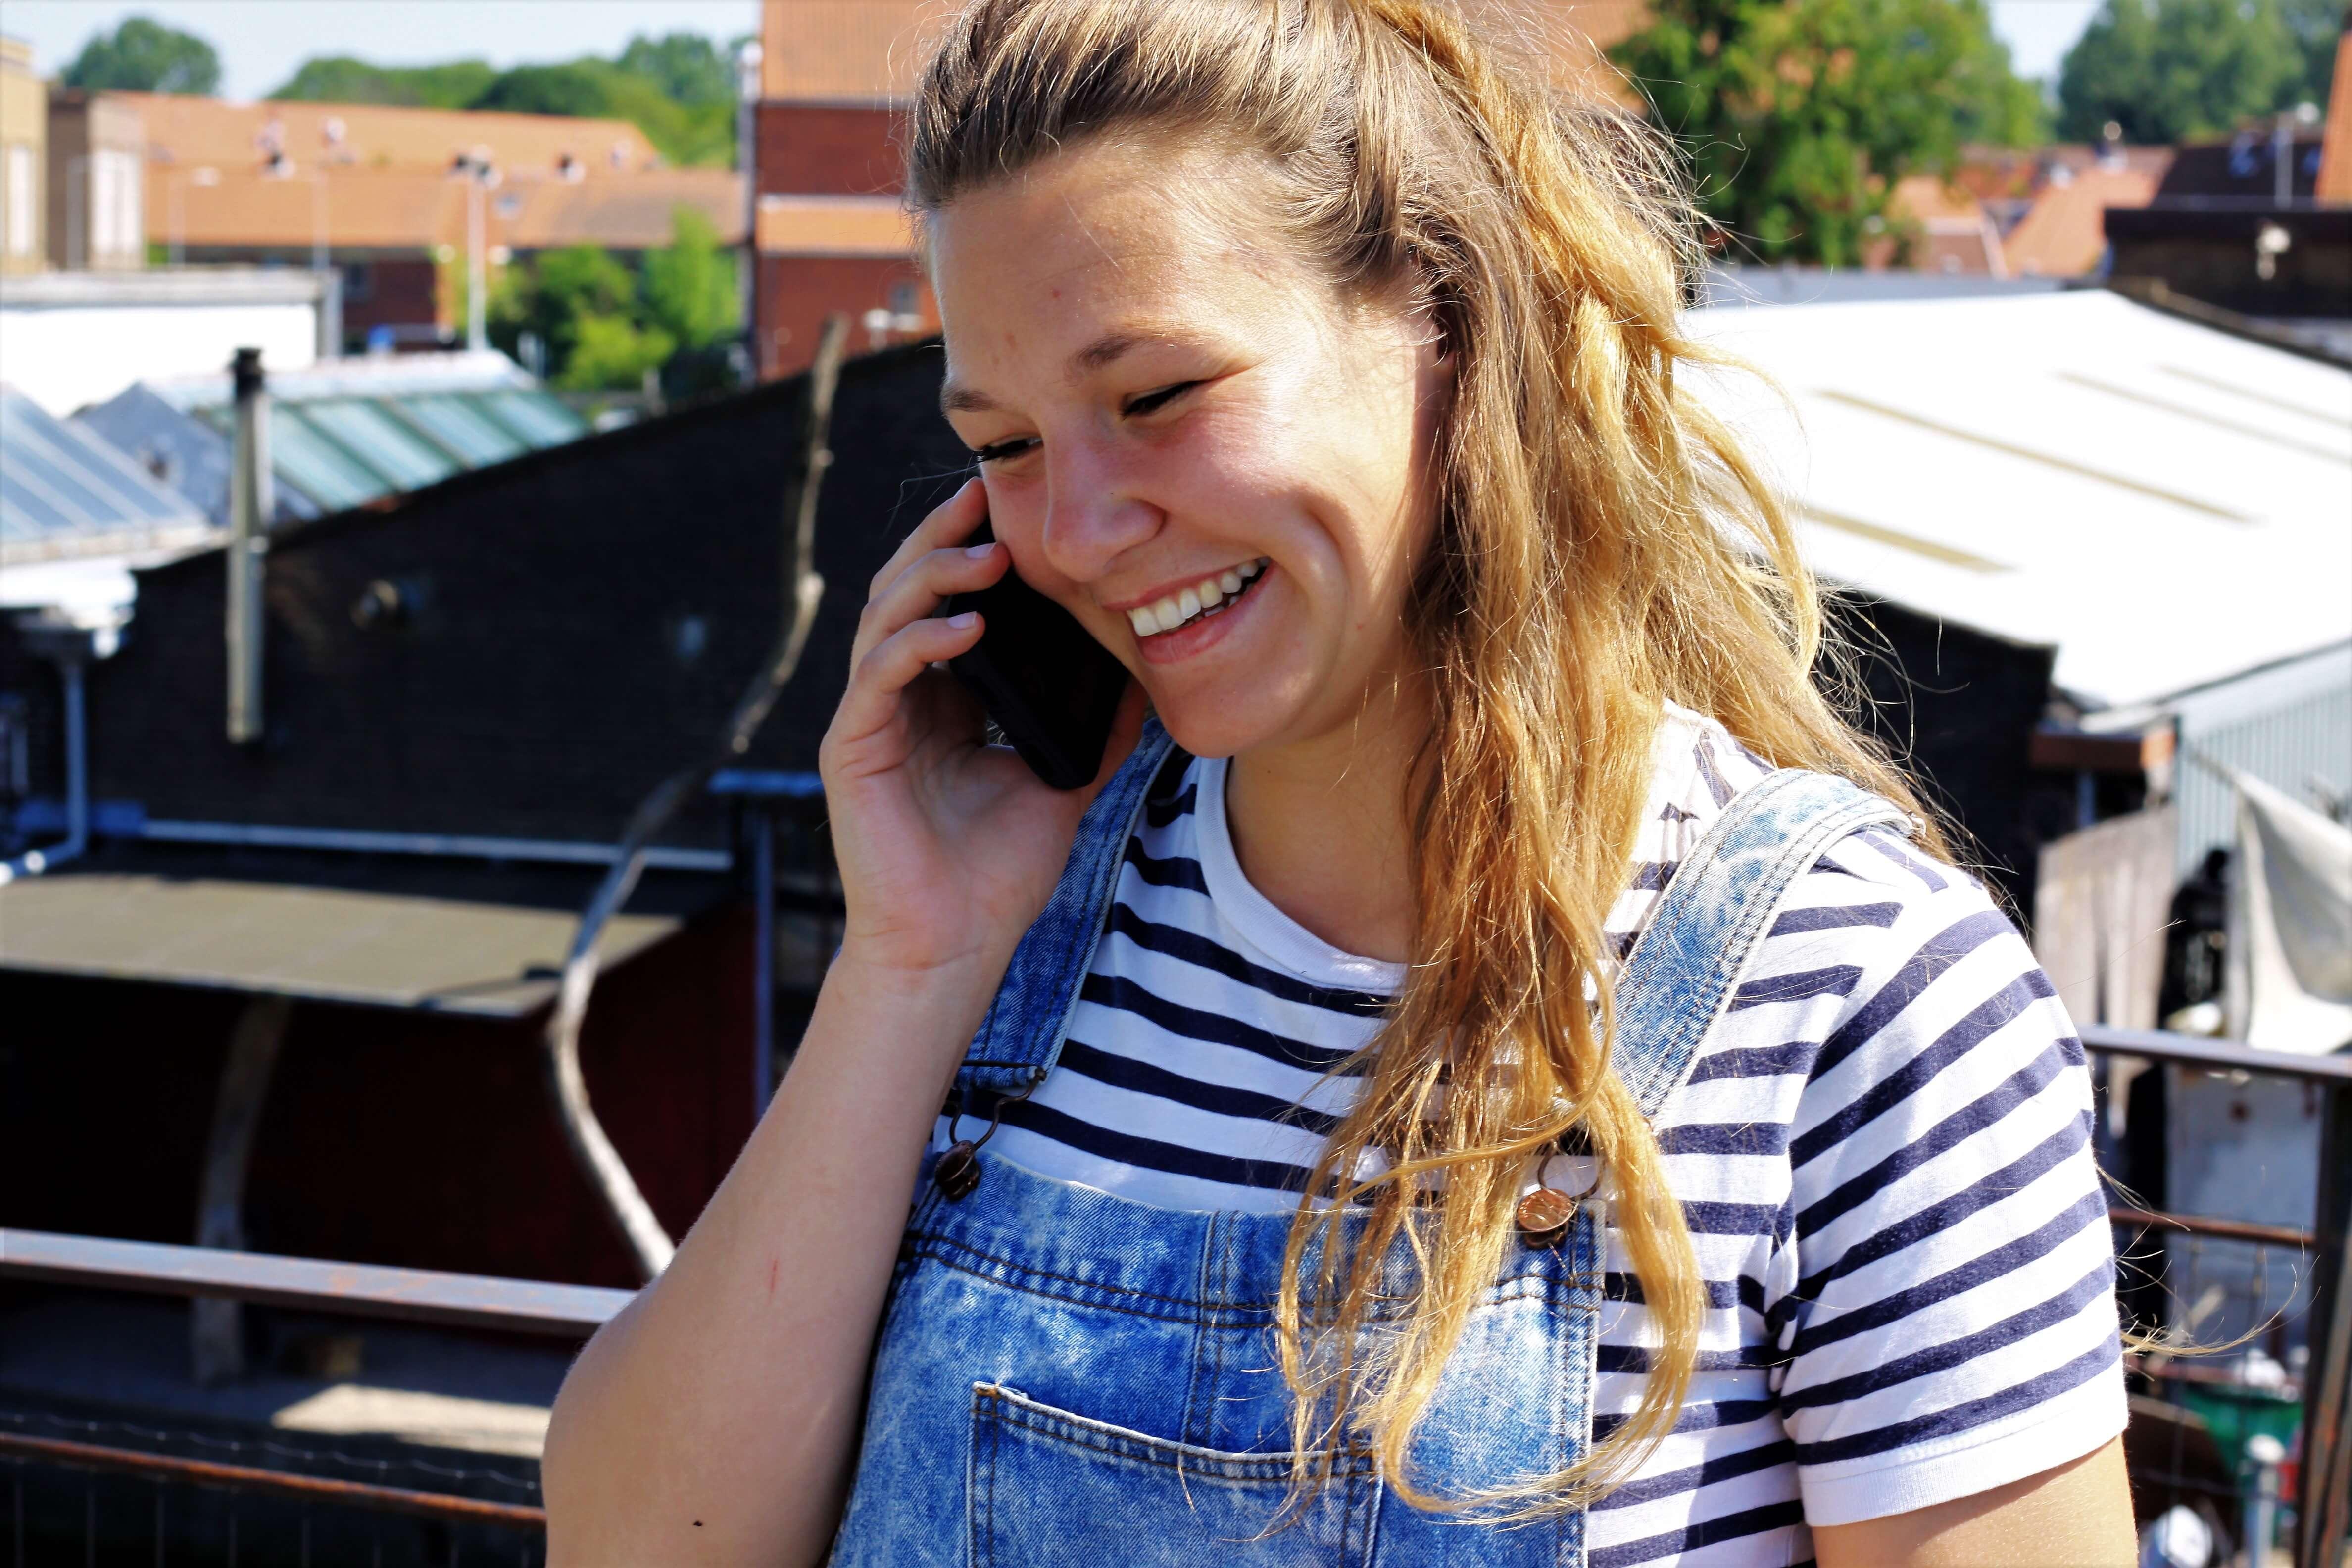 Esmee Jiskoot